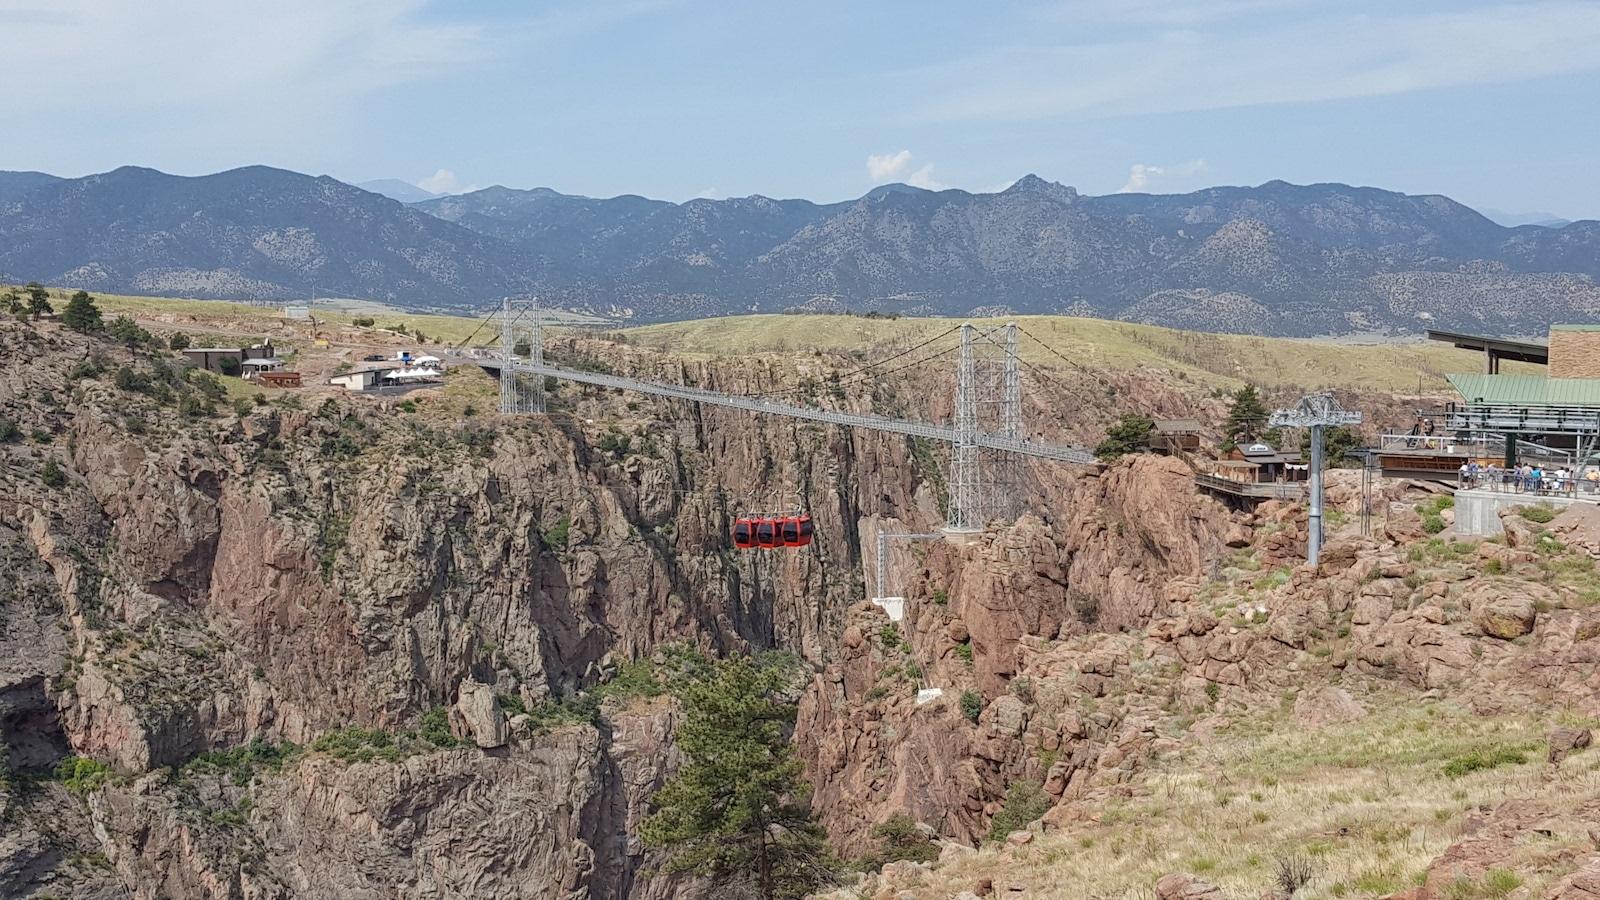 Royal Gorge Bridge & Park, CO